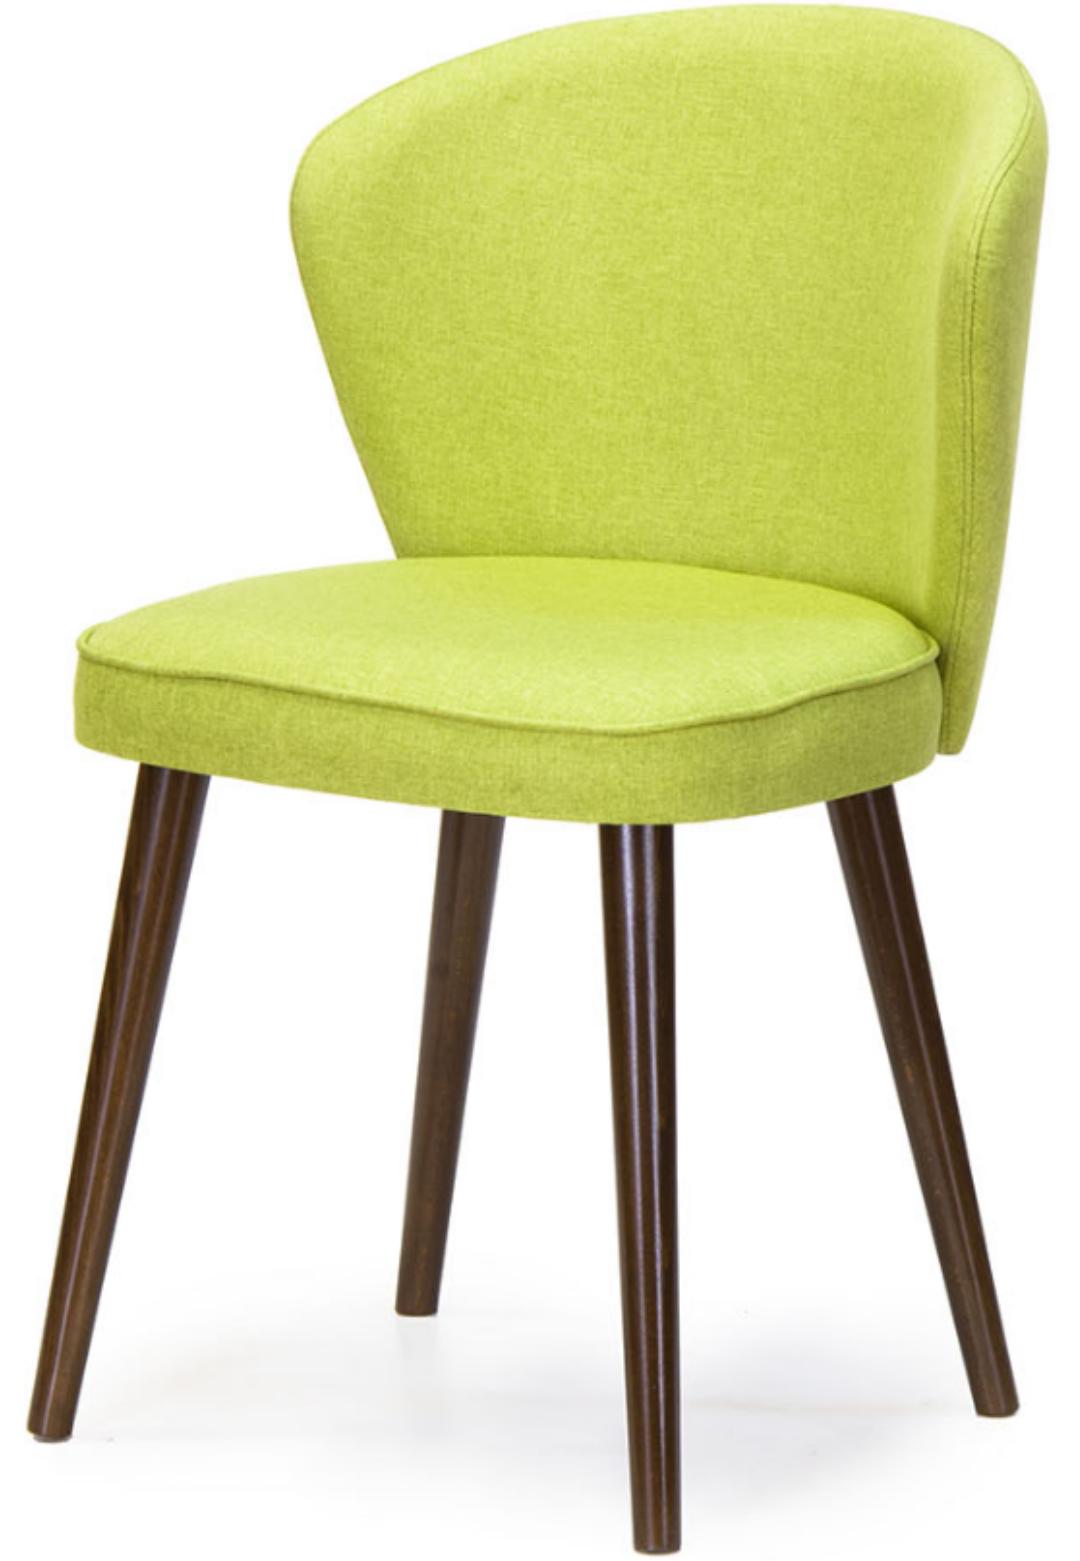 Купить деревянный стул Glori 11 в Raroom